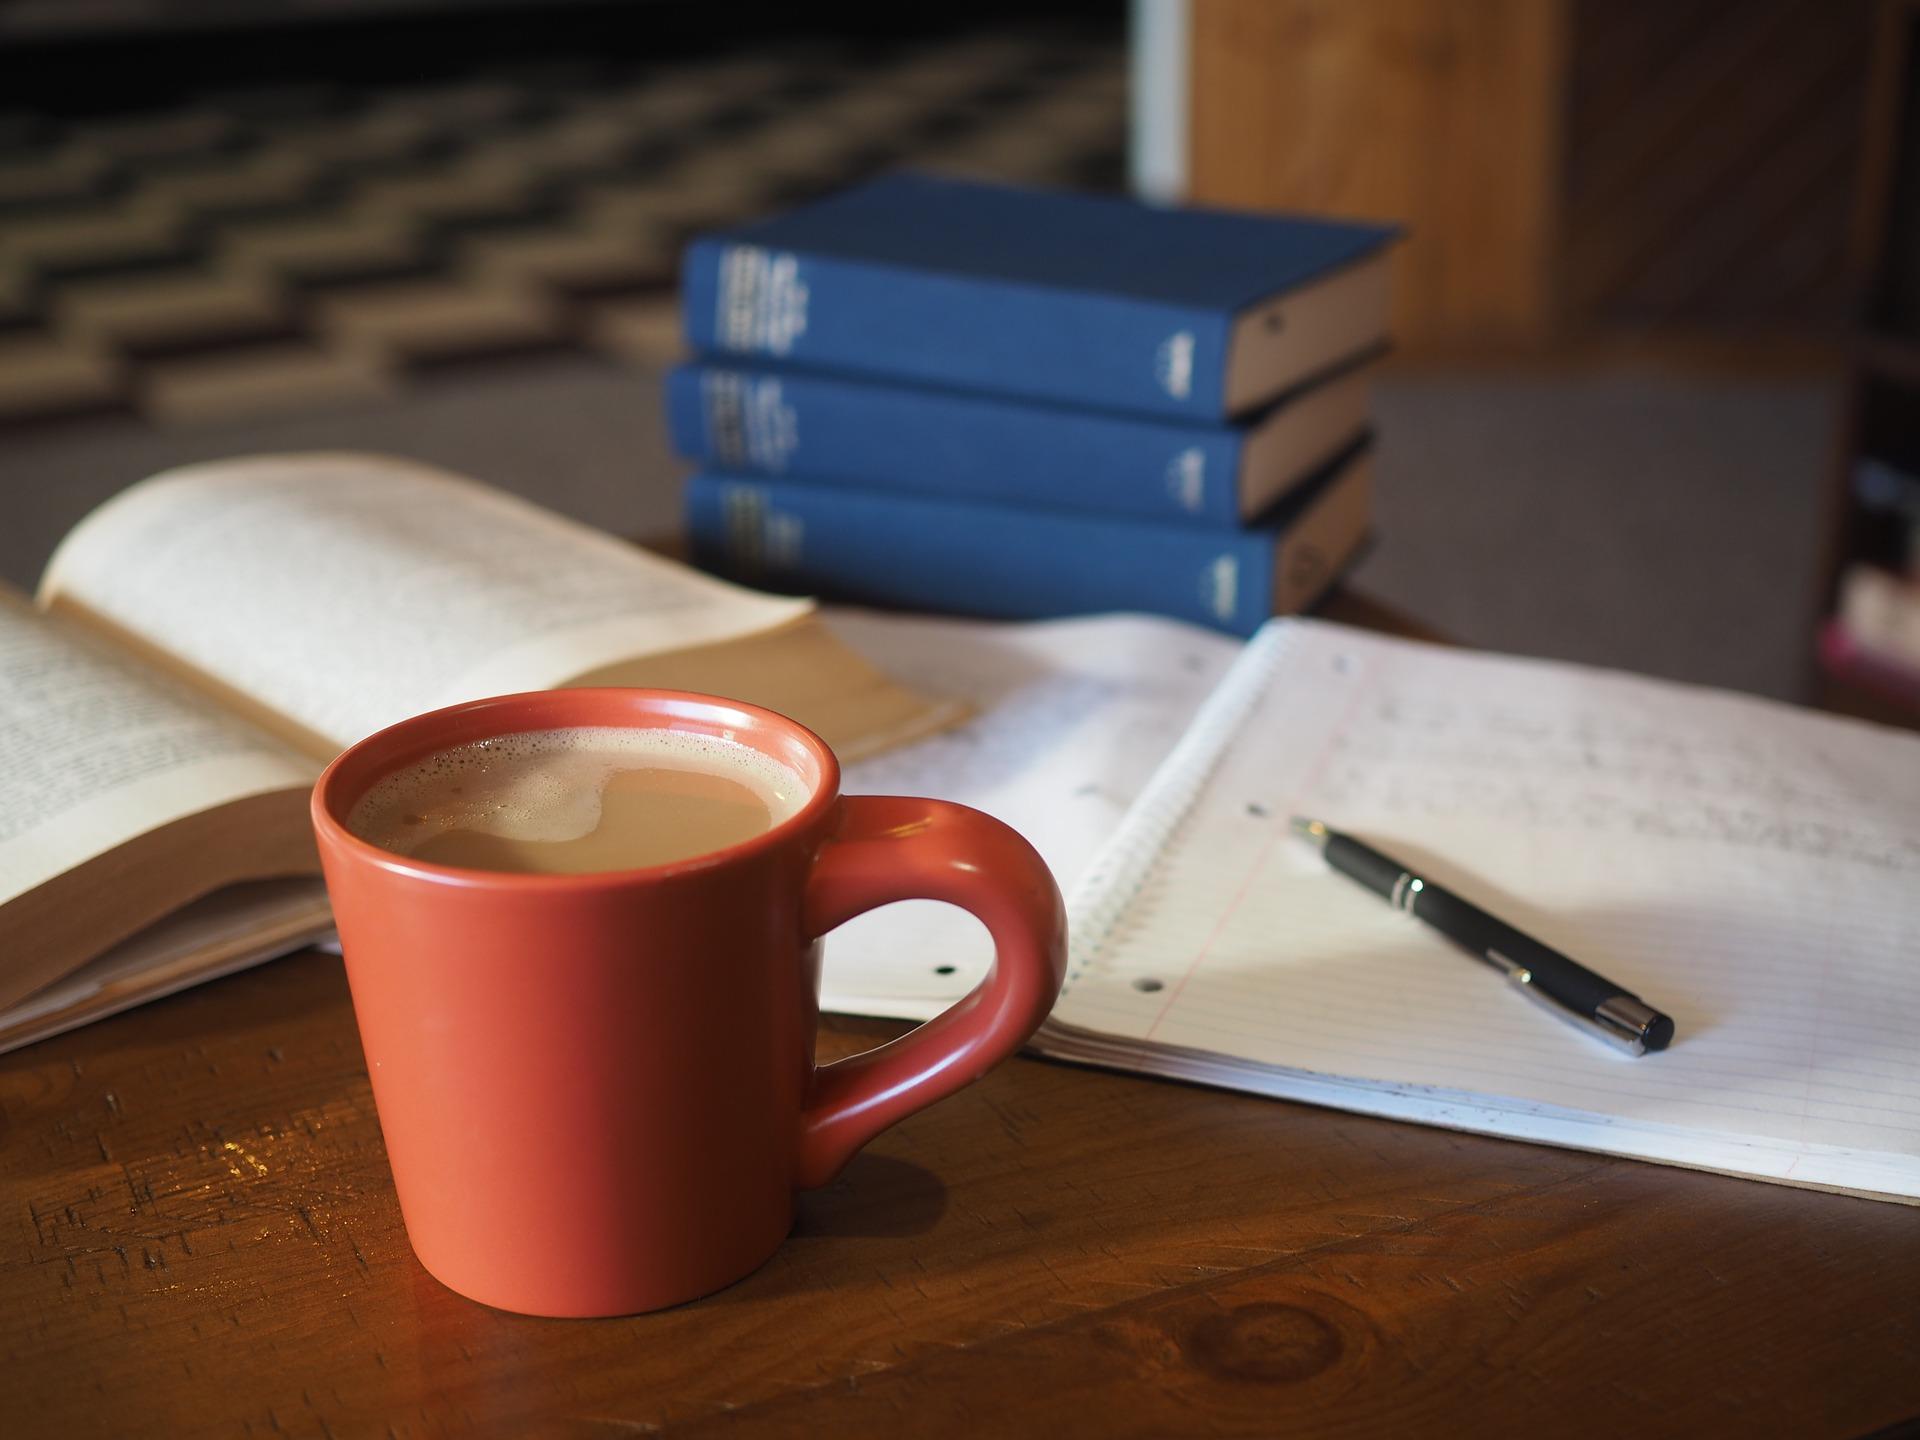 Schweiß, Tinte und Koffein – Darum ist ein Lektorat unersetzlich für eine gute Abschlussarbeit